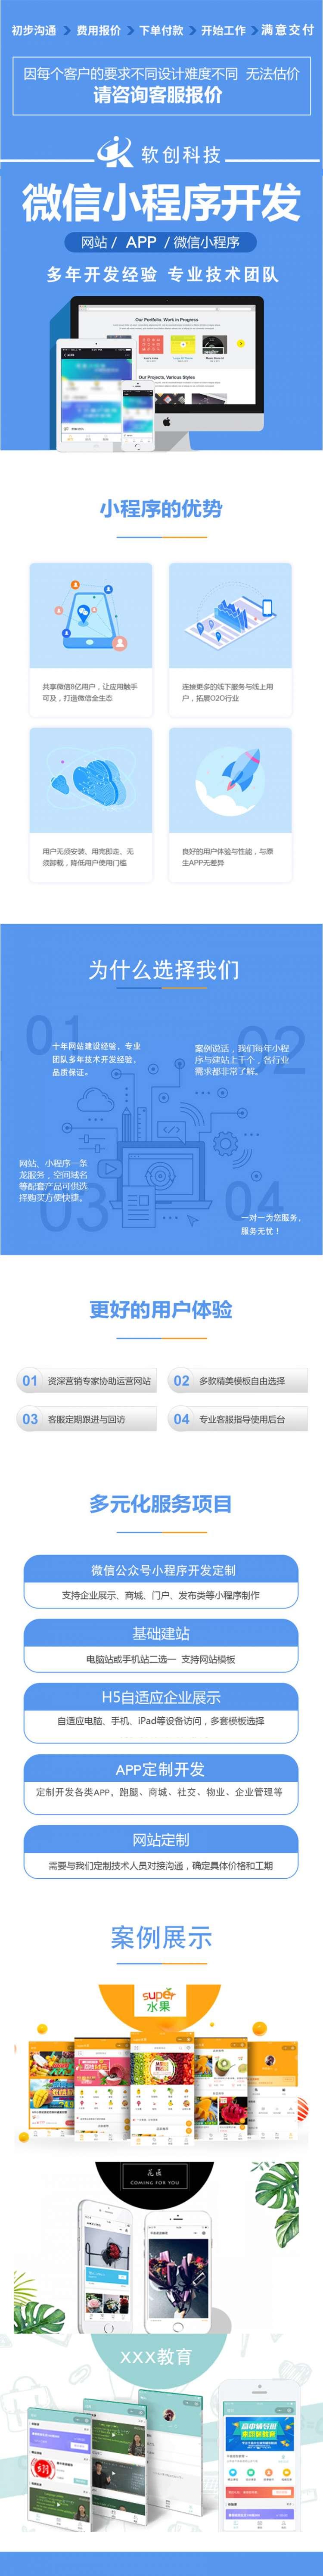 【软创网络】专业社区运营app,小程序,管理系统开发_软件开发>>App应用>>Android应用